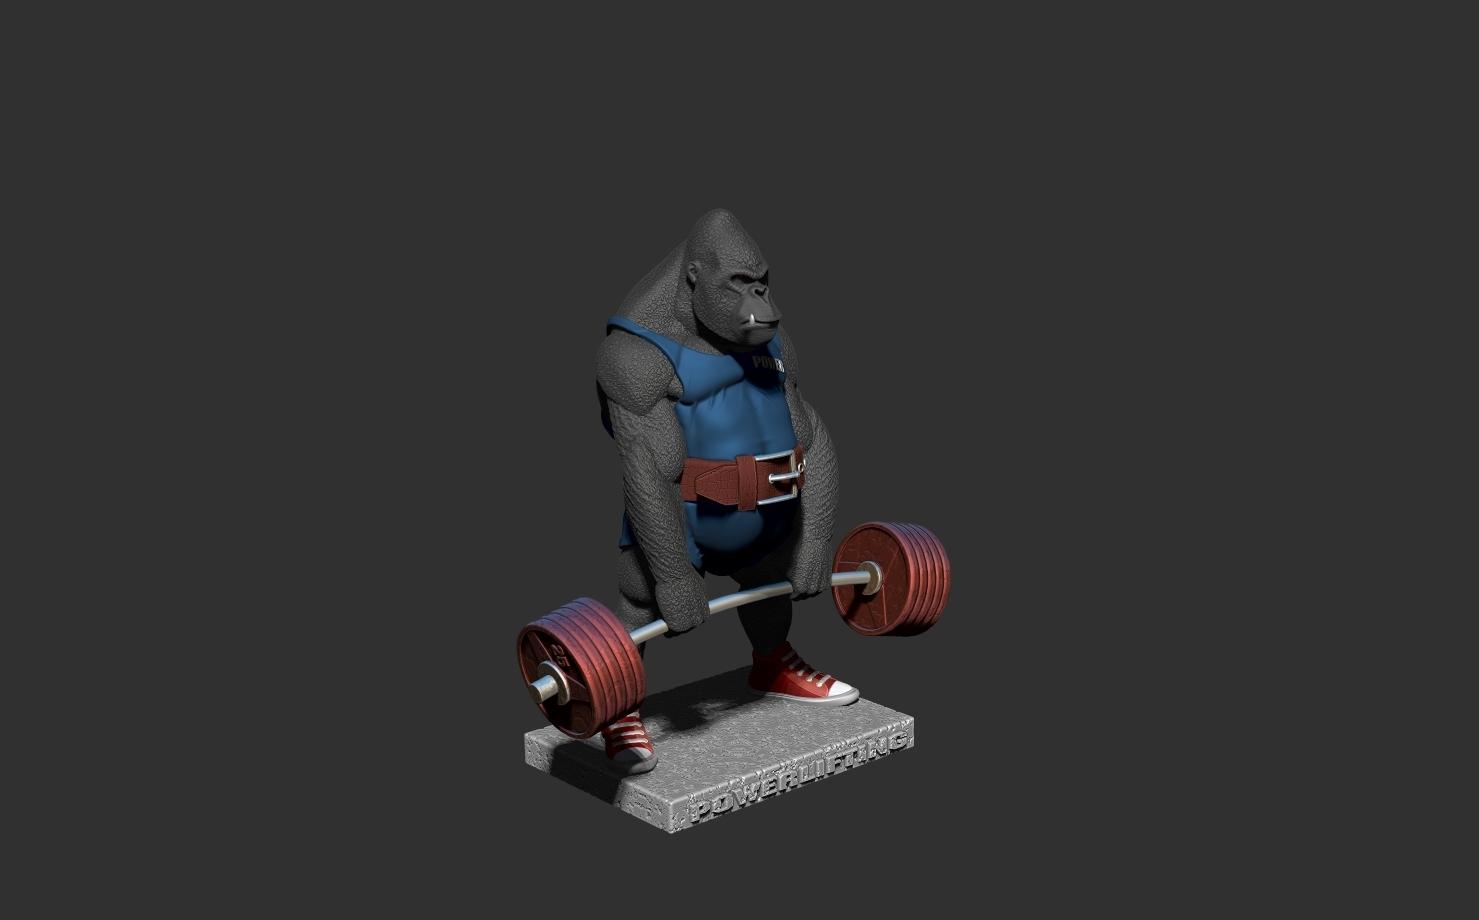 ZBrush Documentщщд.jpg Télécharger fichier STL gorille • Objet imprimable en 3D, dimka134russ